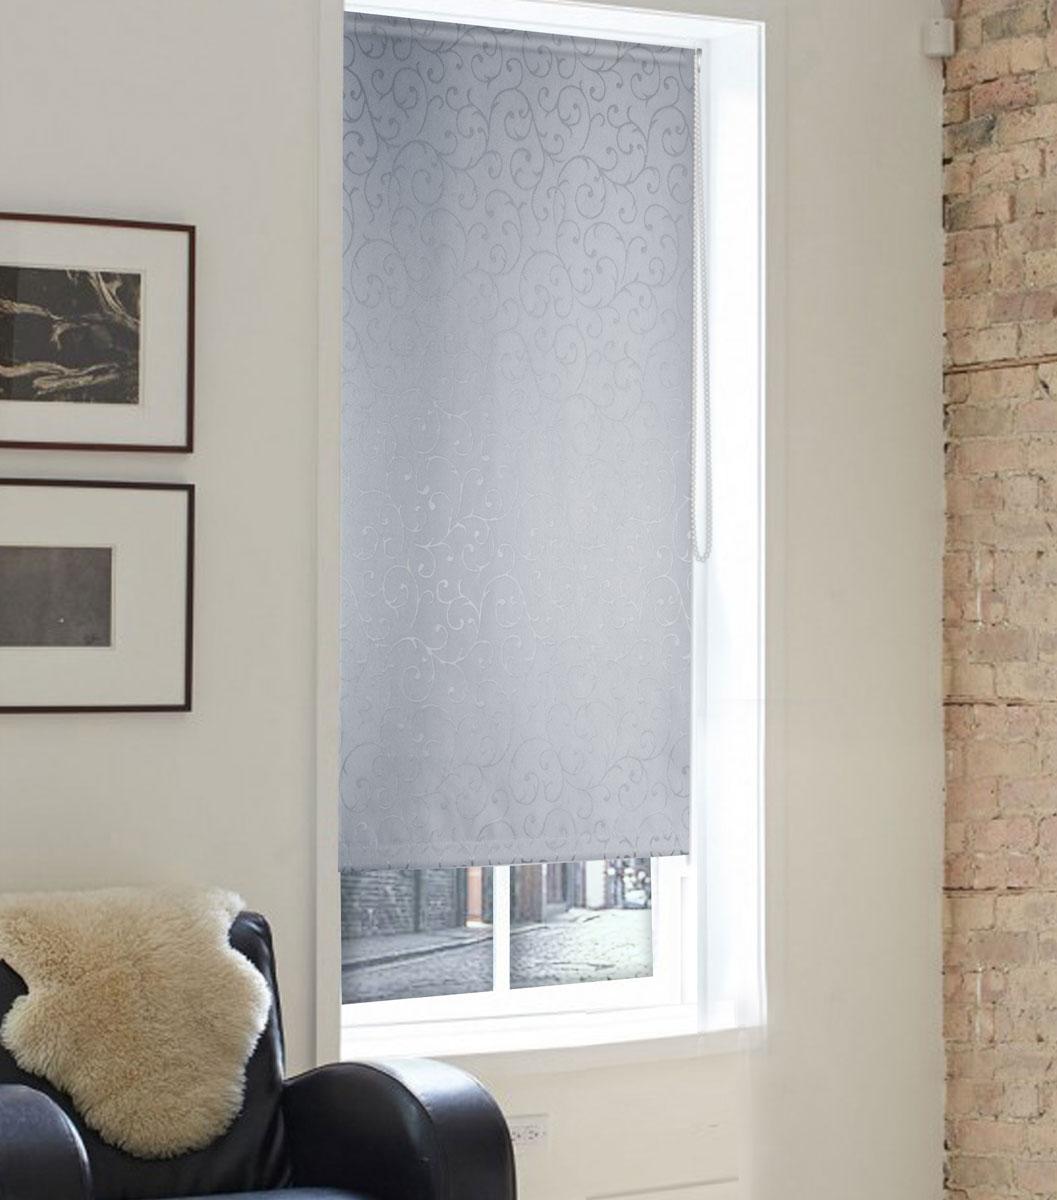 Штора рулонная Эскар Миниролло. Агат, фактурная, цвет: серый, ширина 90 см, высота 160 см39008115170Рулонная штора Эскар Миниролло. Агат выполнена из высокопрочной ткани, которая сохраняет свой размер даже при намокании. Ткань не выцветает и обладает отличной цветоустойчивостью.Миниролло - это подвид рулонных штор, который закрывает не весь оконный проем, а непосредственно само стекло. Такие шторы крепятся на раму без сверления при помощи зажимов или клейкой двухсторонней ленты. Окно остается на гарантии, благодаря монтажу без сверления. Такая штора станет прекрасным элементом декора окна и гармонично впишется в интерьер любого помещения.